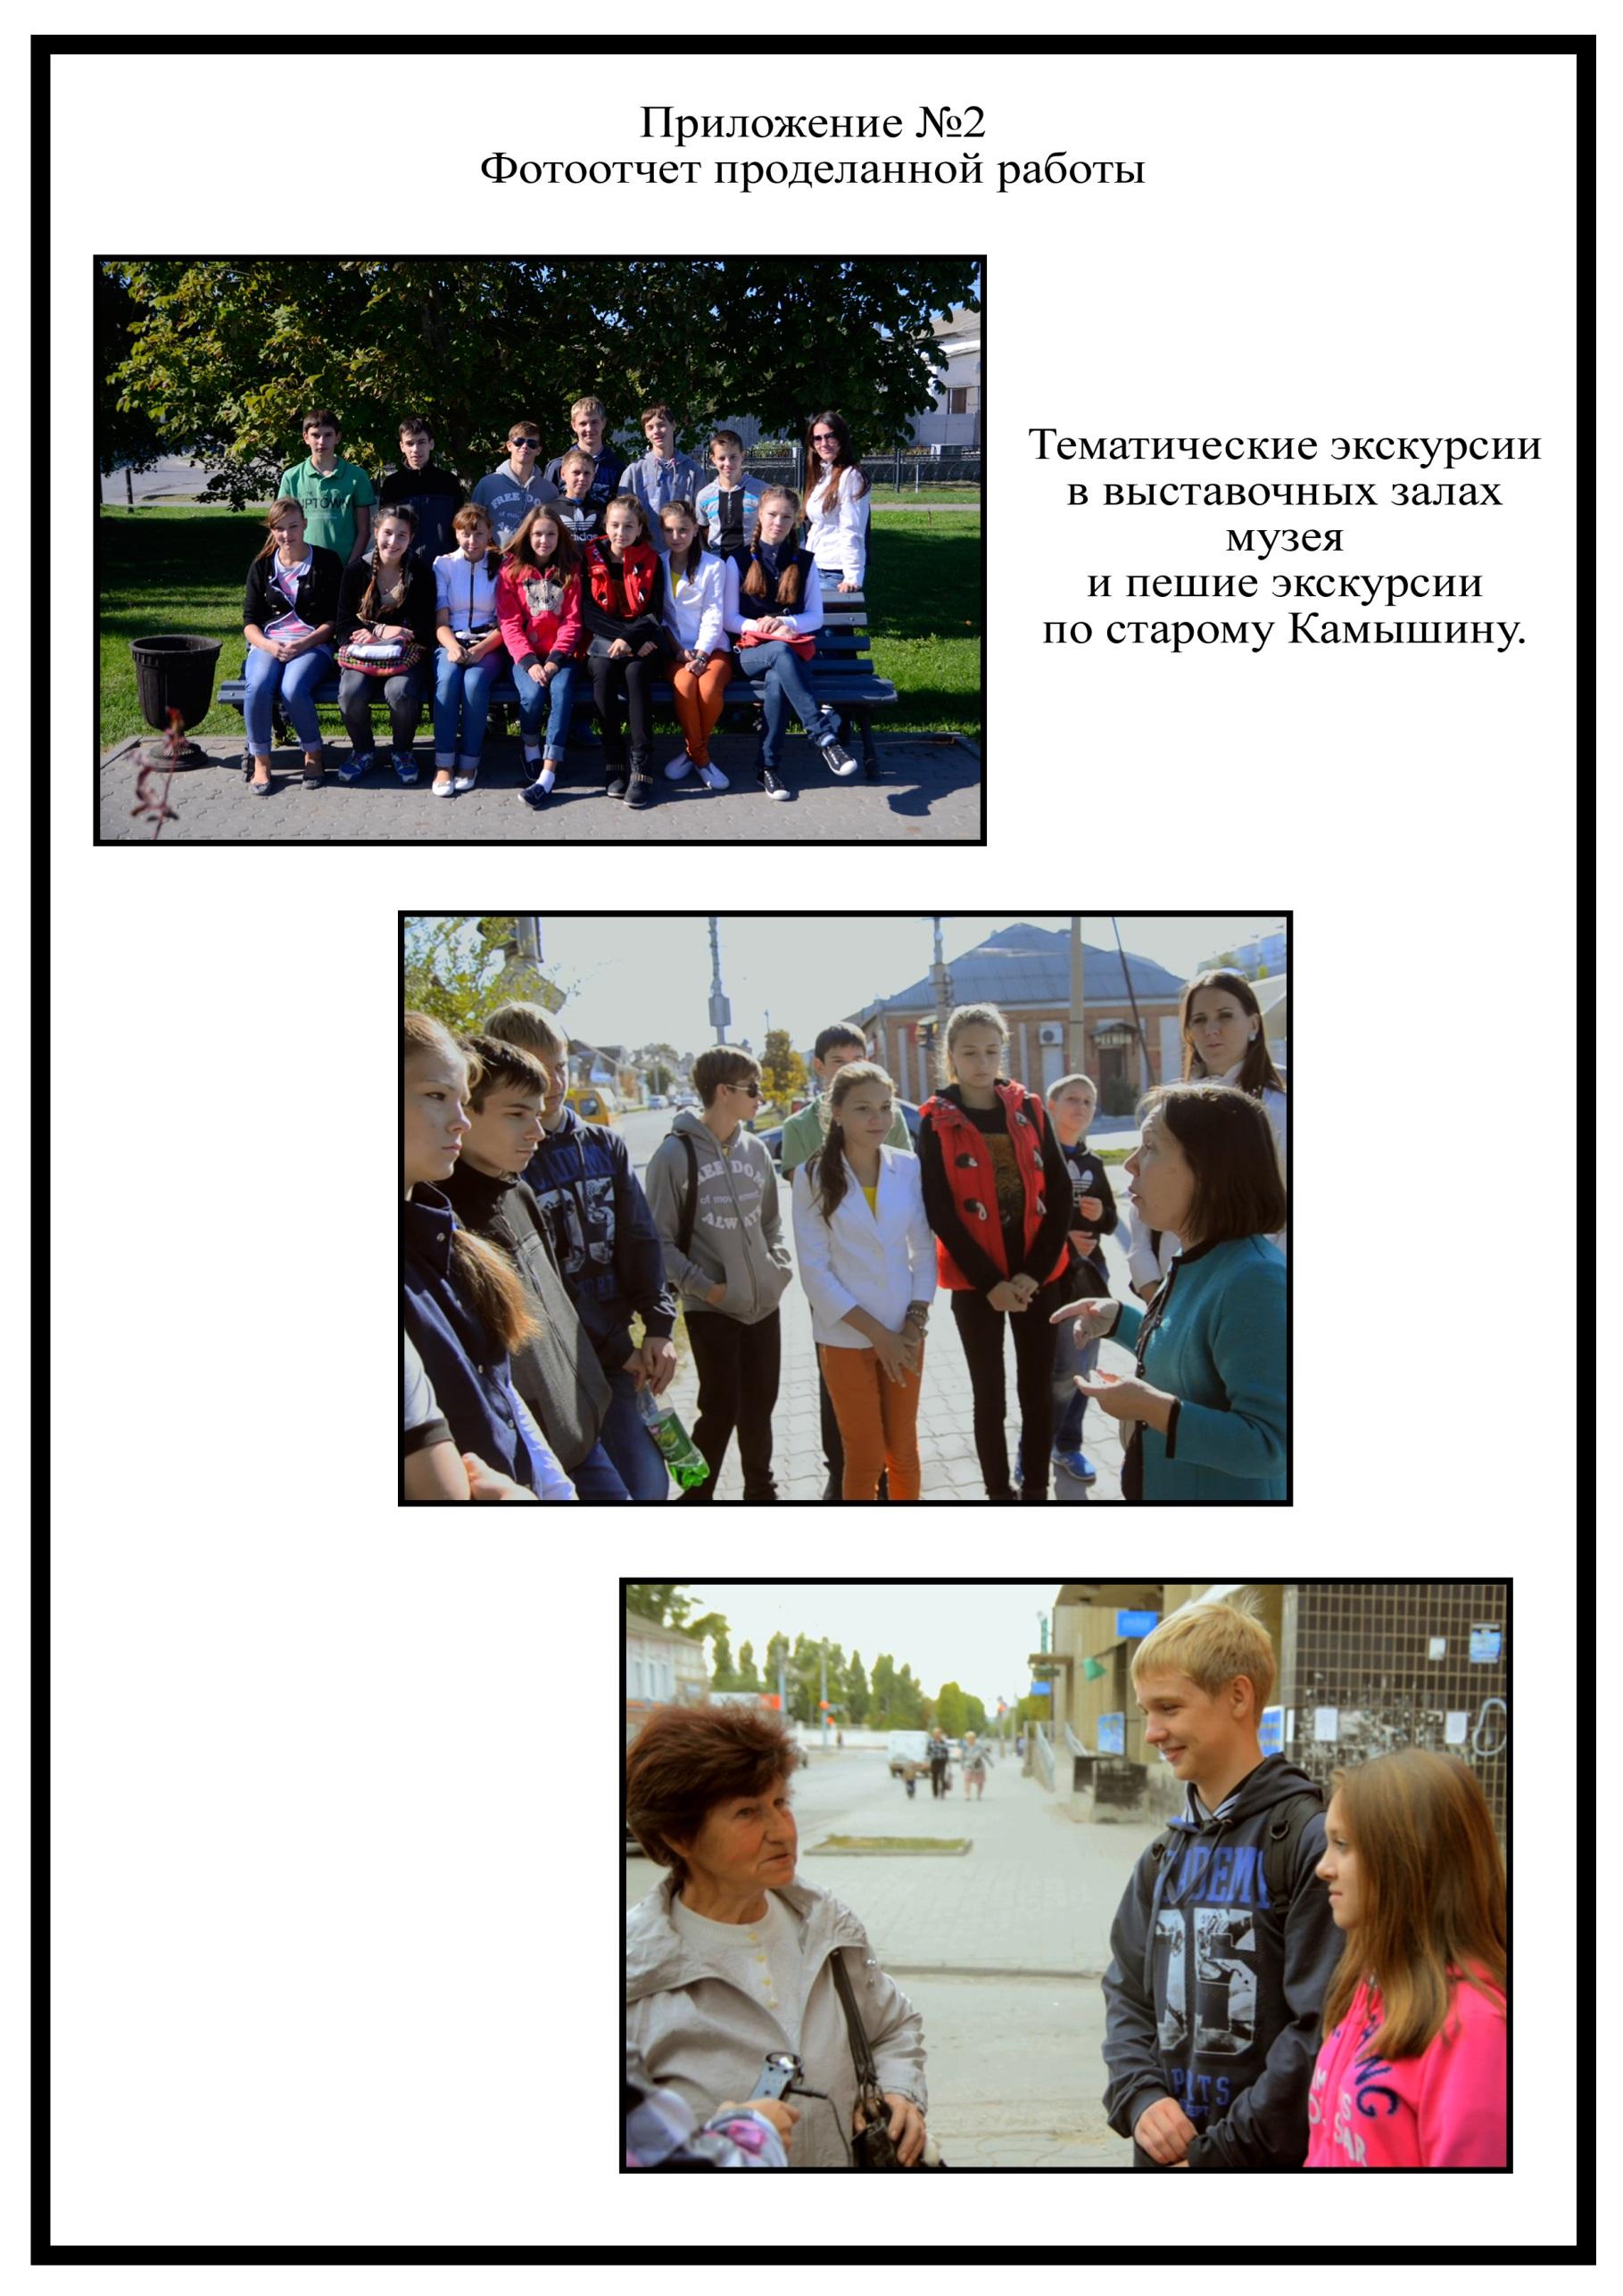 J:\Фото\Печать\Страница 1.jpg